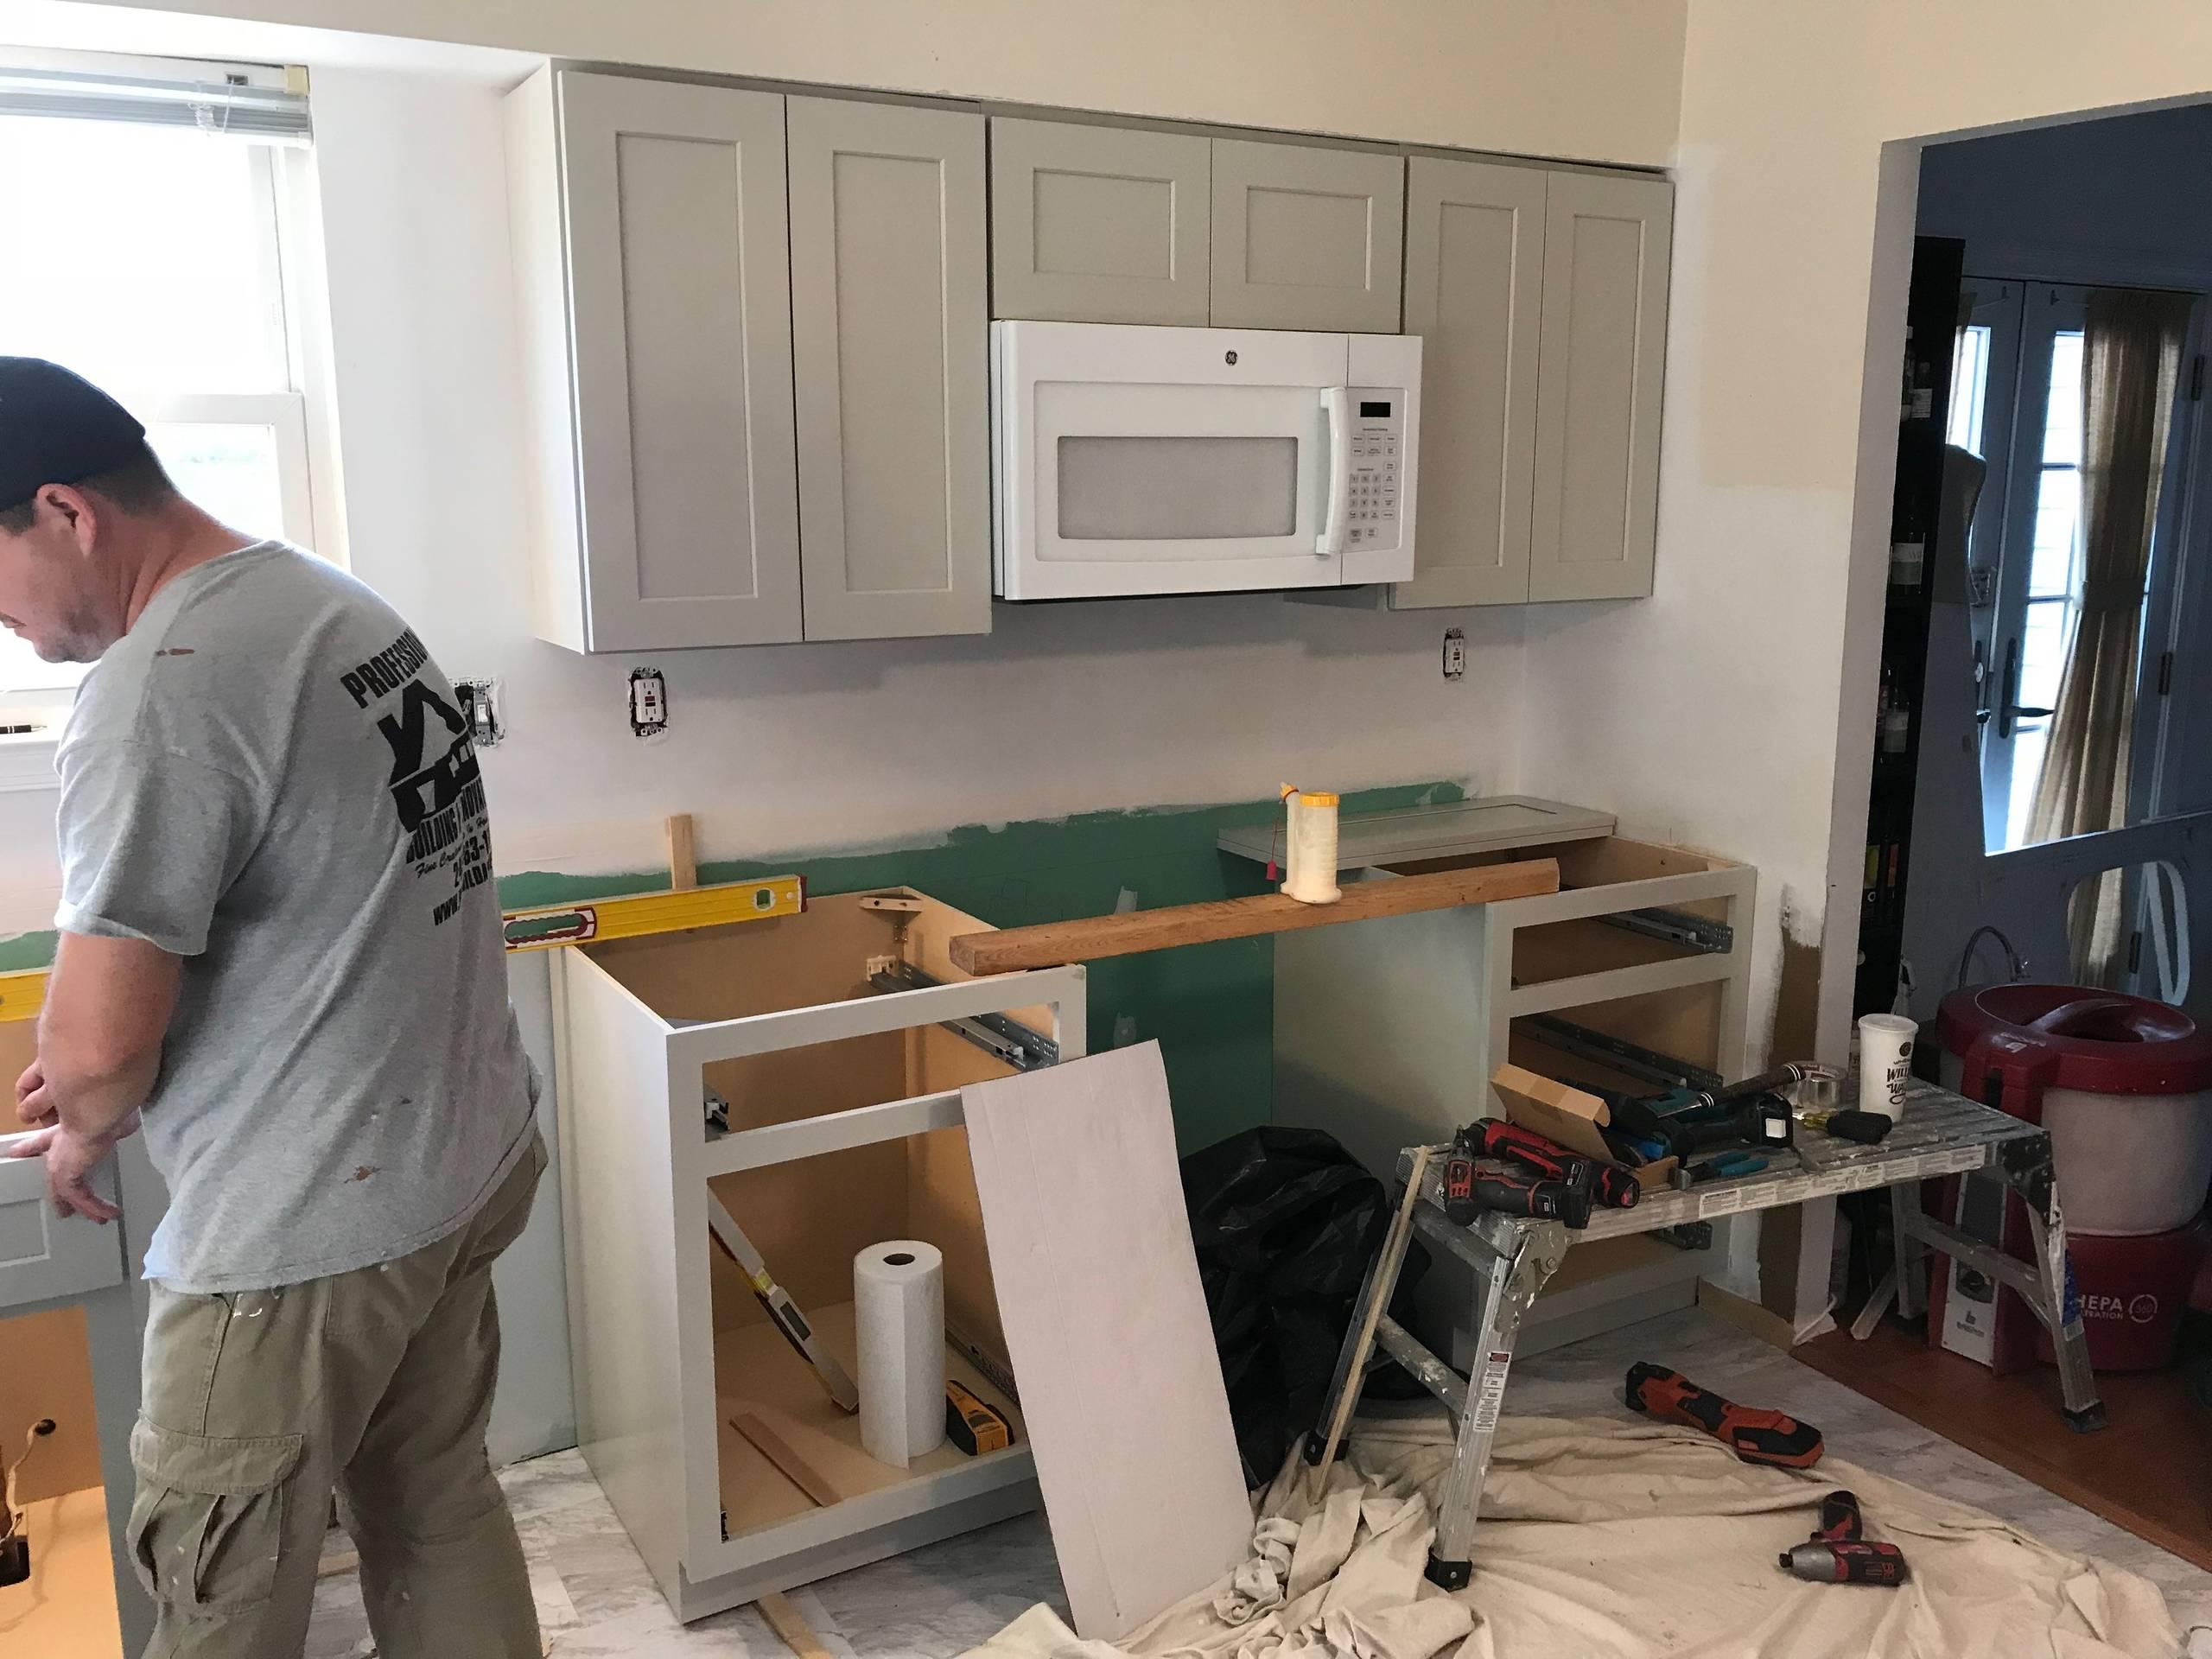 Bowie Kitchen Water Damage Repair